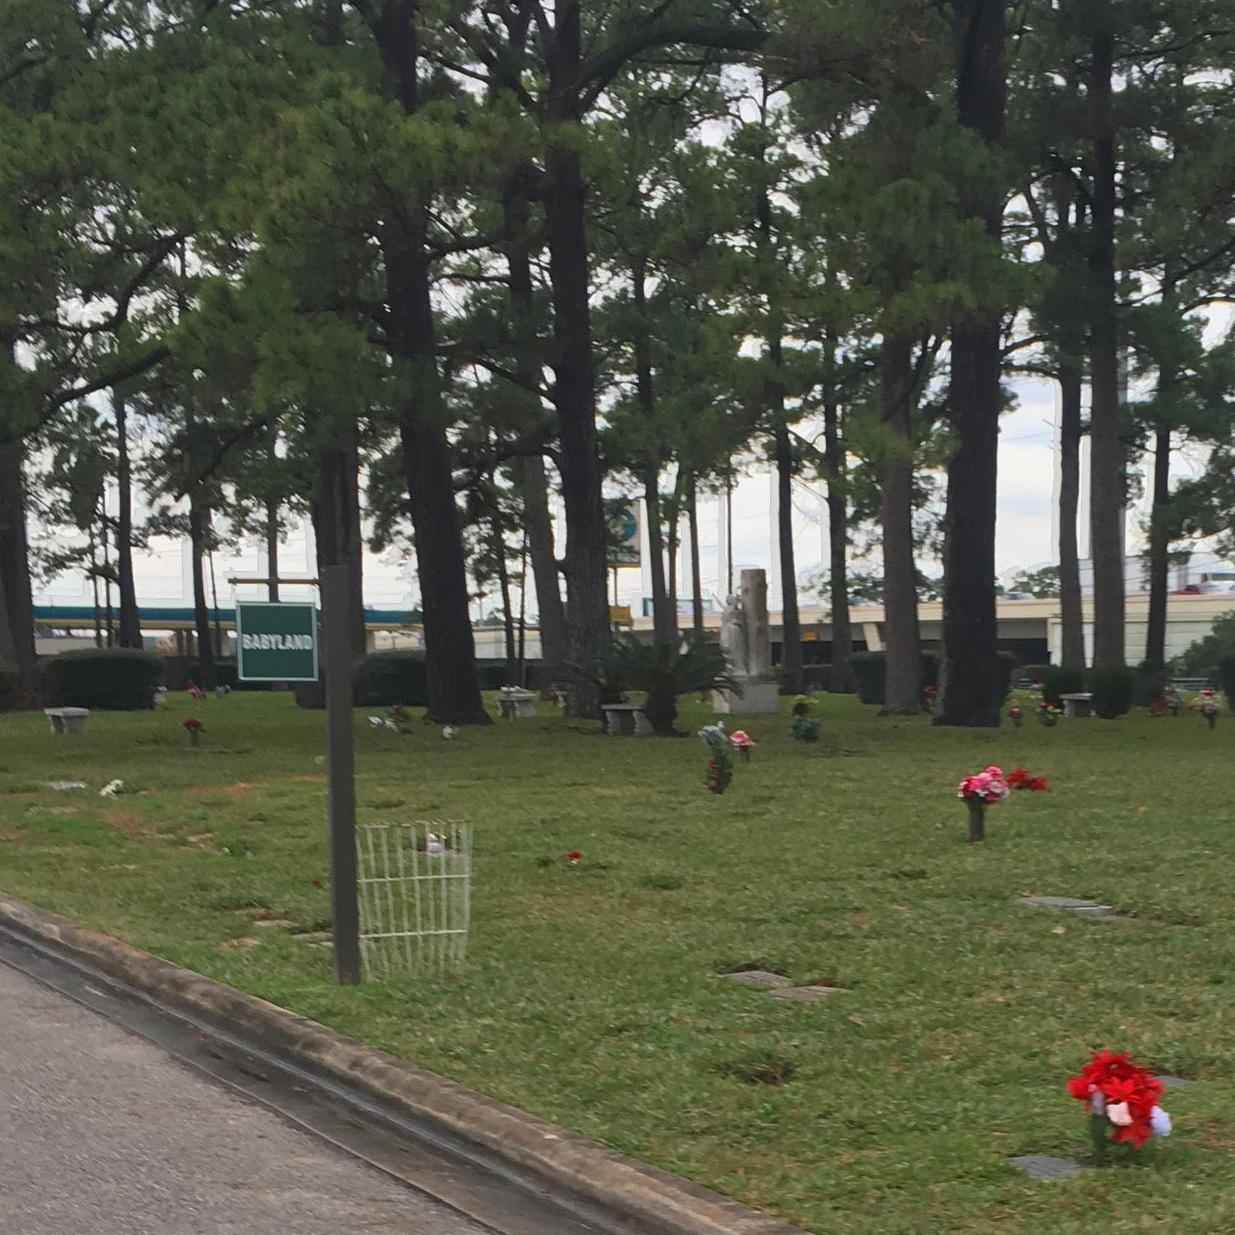 funeralpost3.jpg